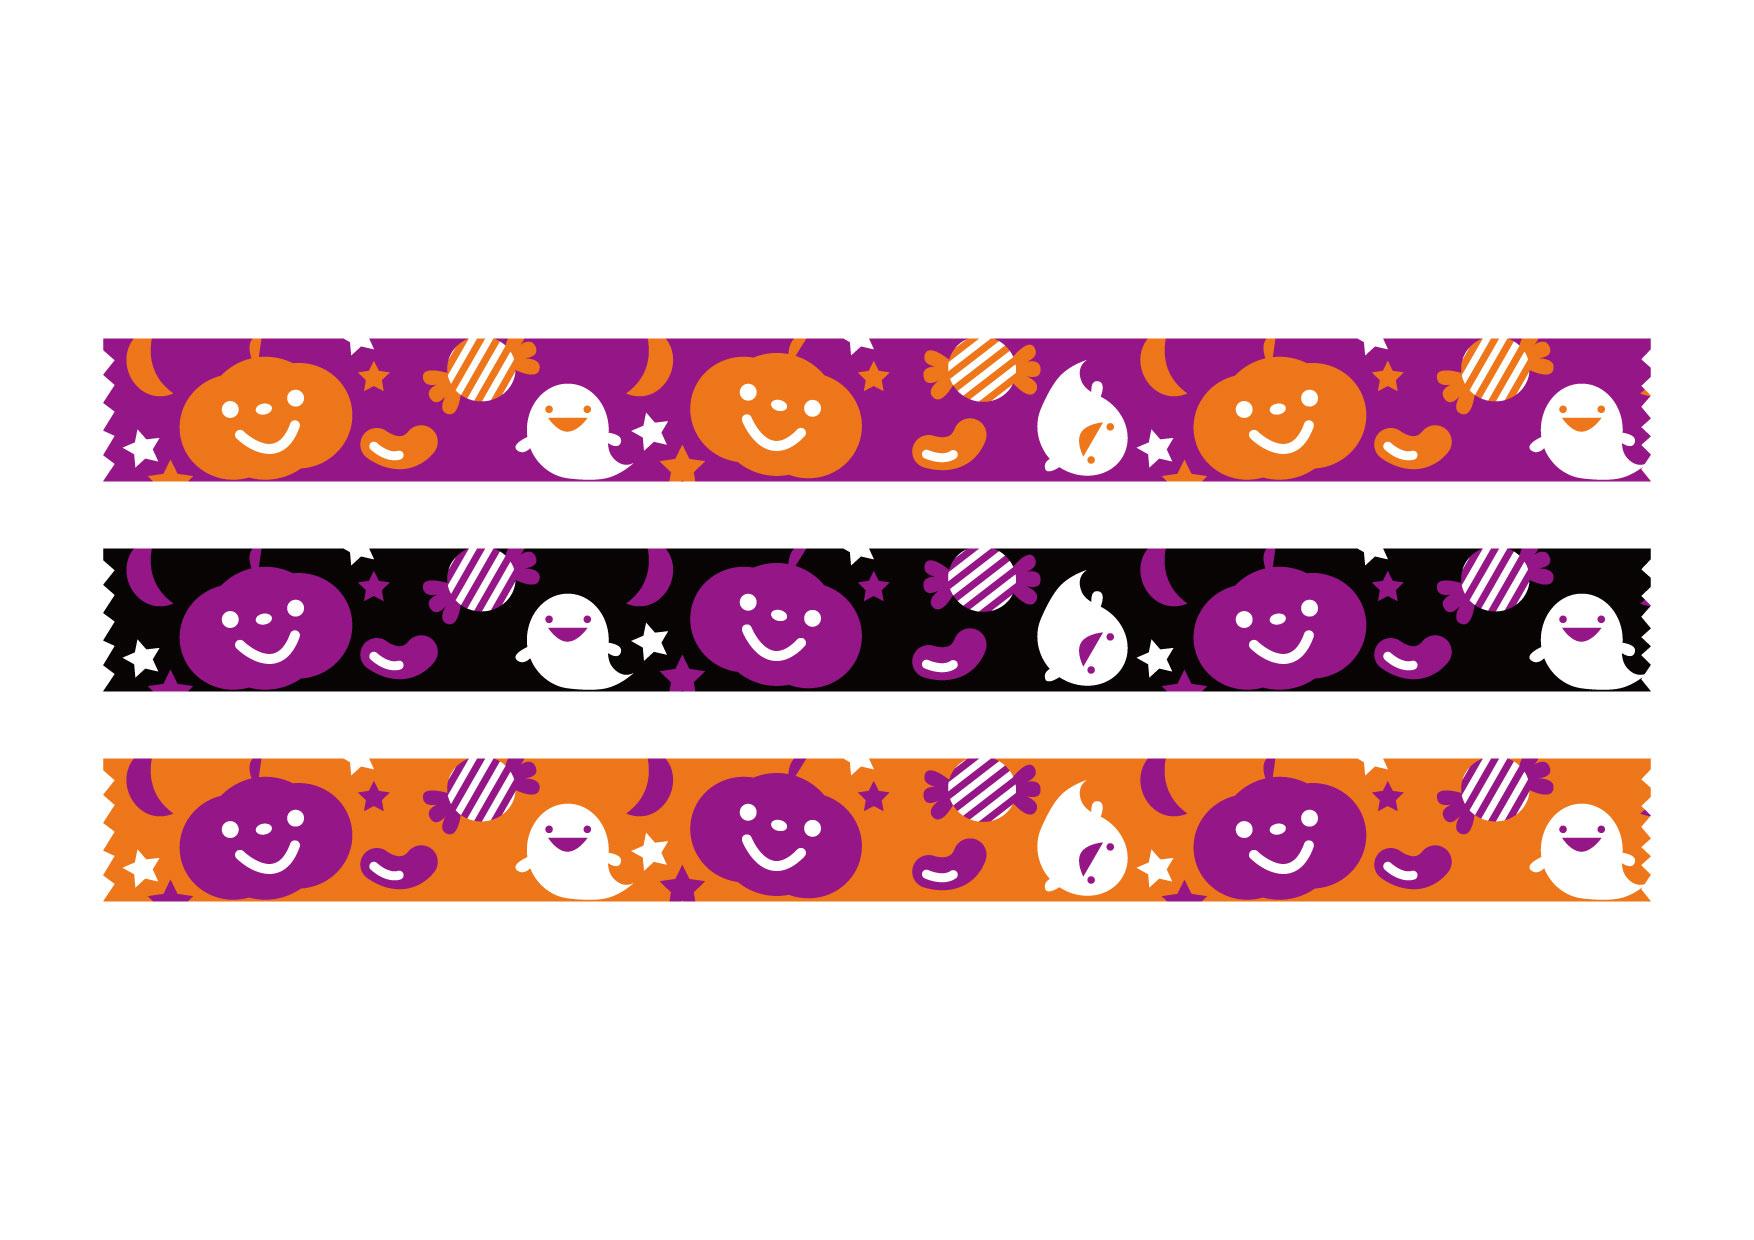 可愛いイラスト無料|ハロウィン マスキングテープ 紫 黒 オレンジ − free illustration Halloween masking tape purple black orange